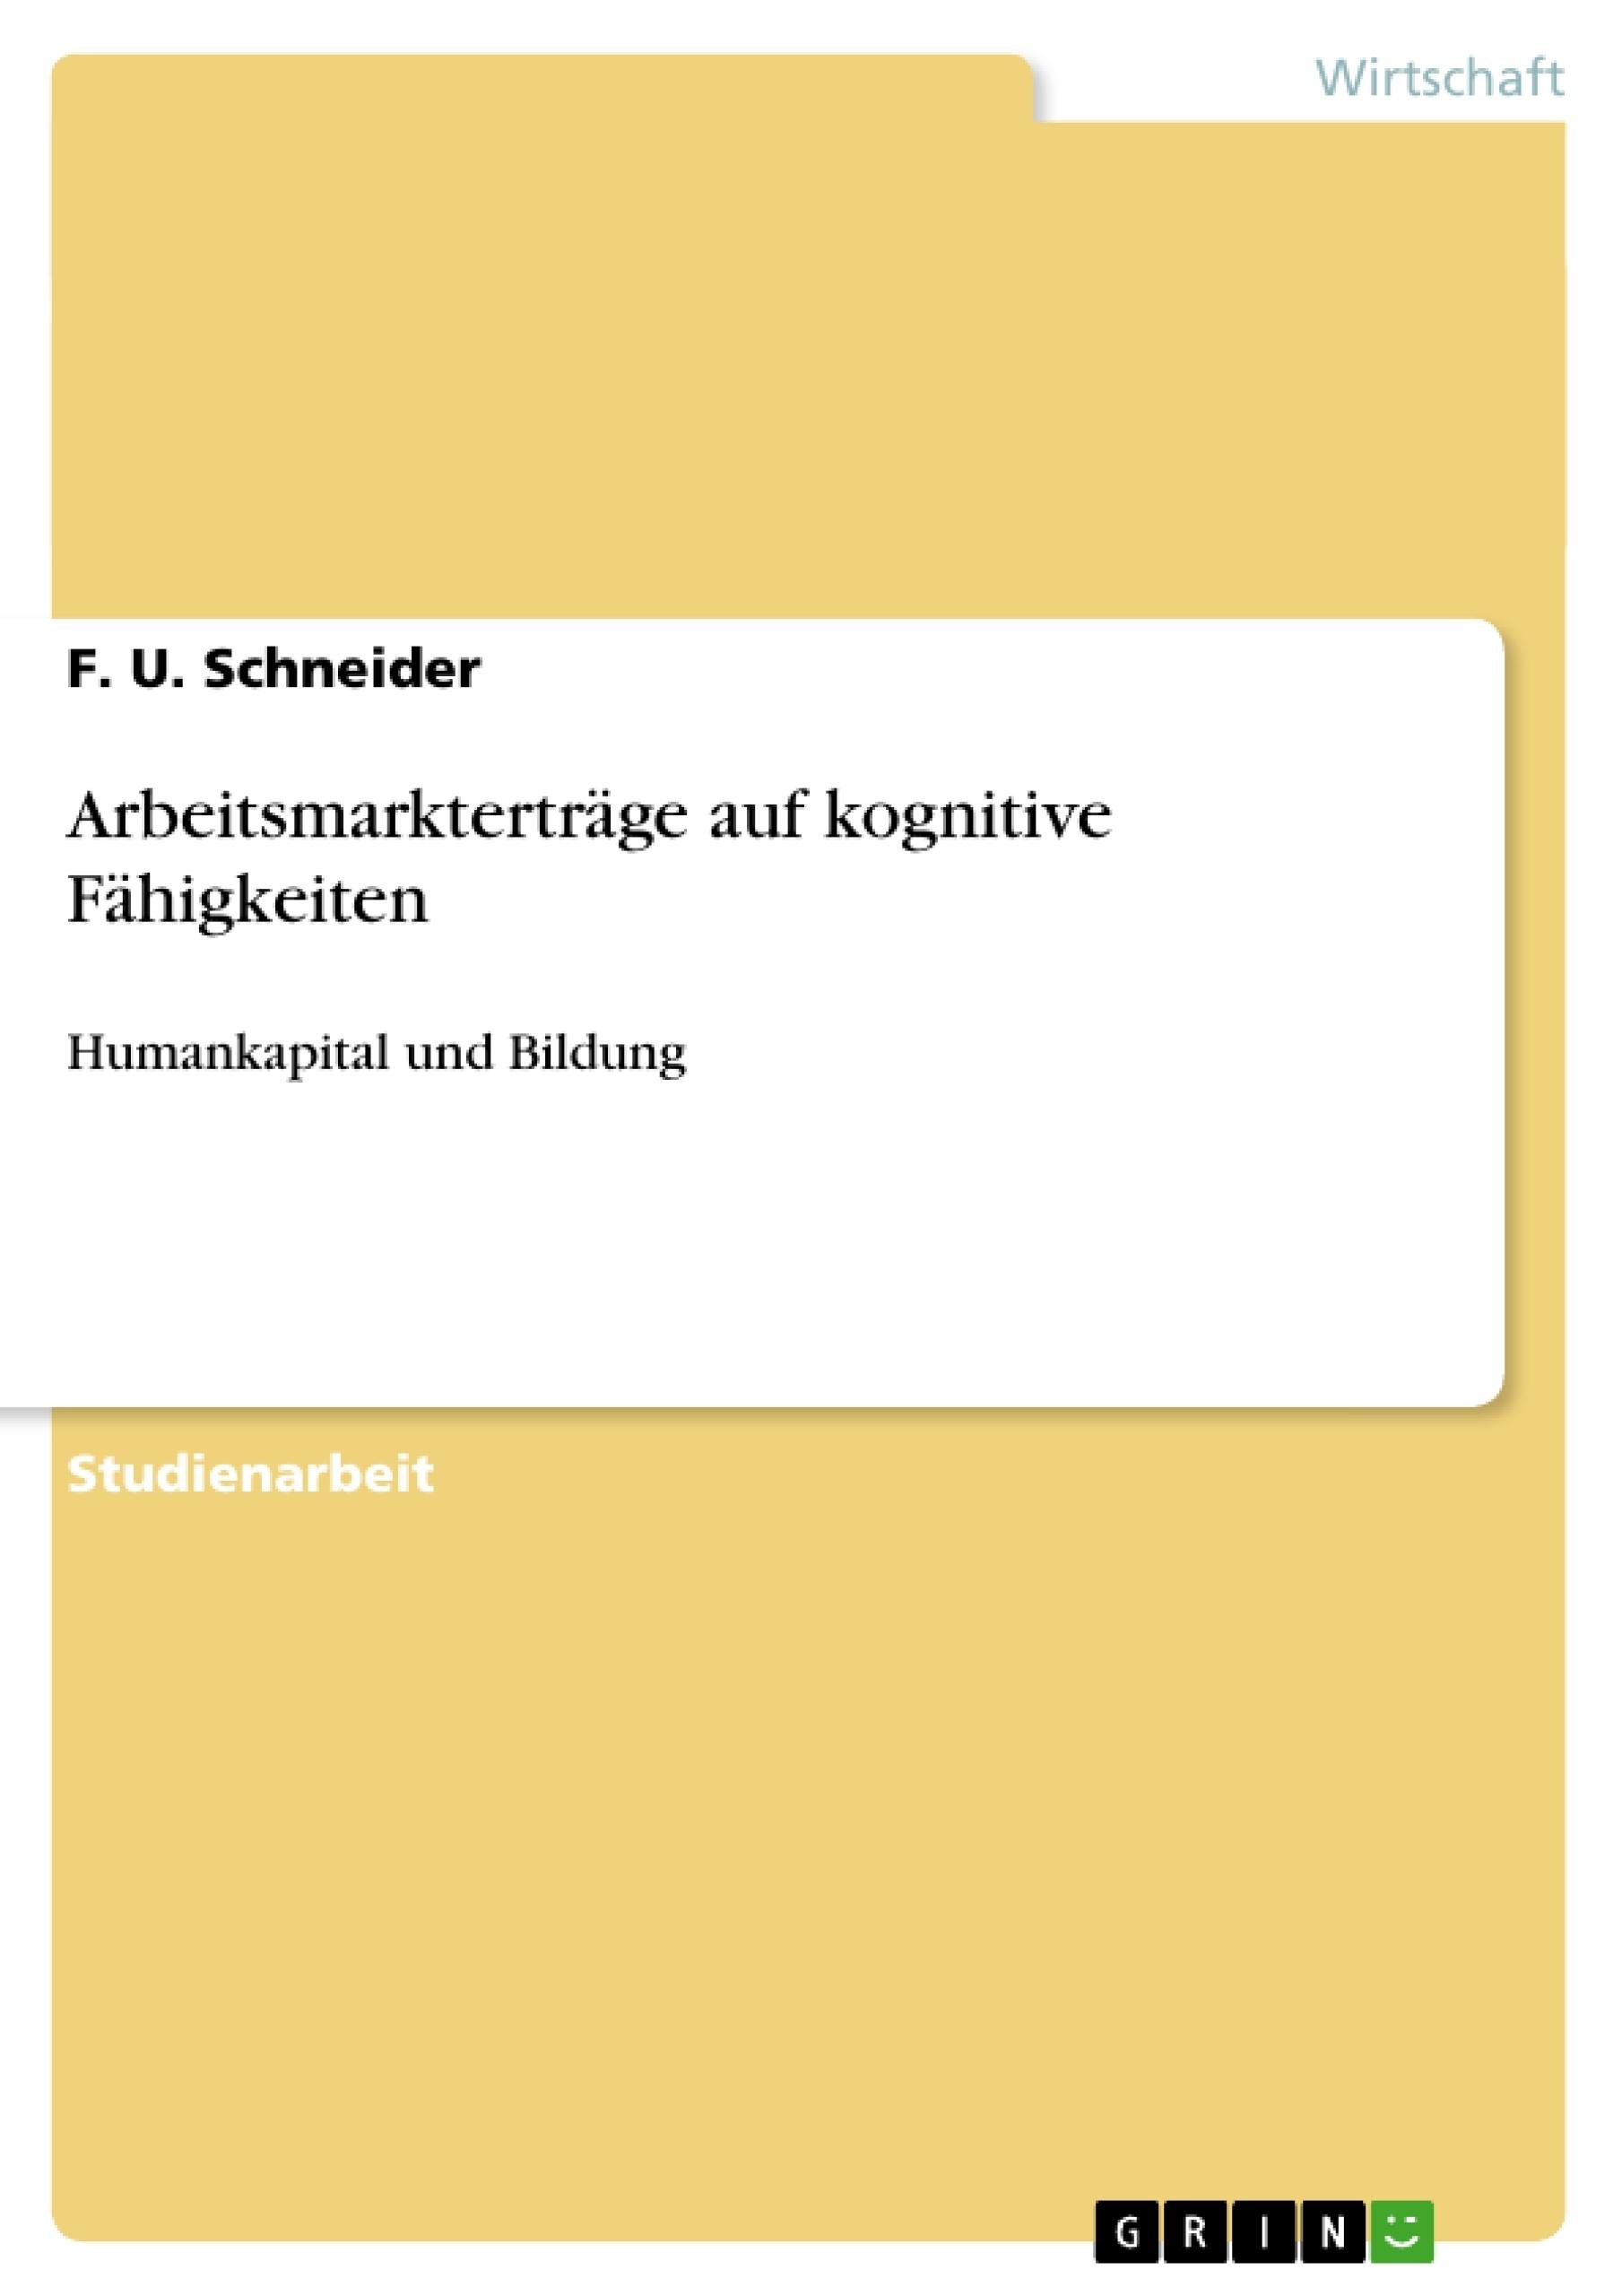 Titel: Arbeitsmarkterträge auf kognitive Fähigkeiten